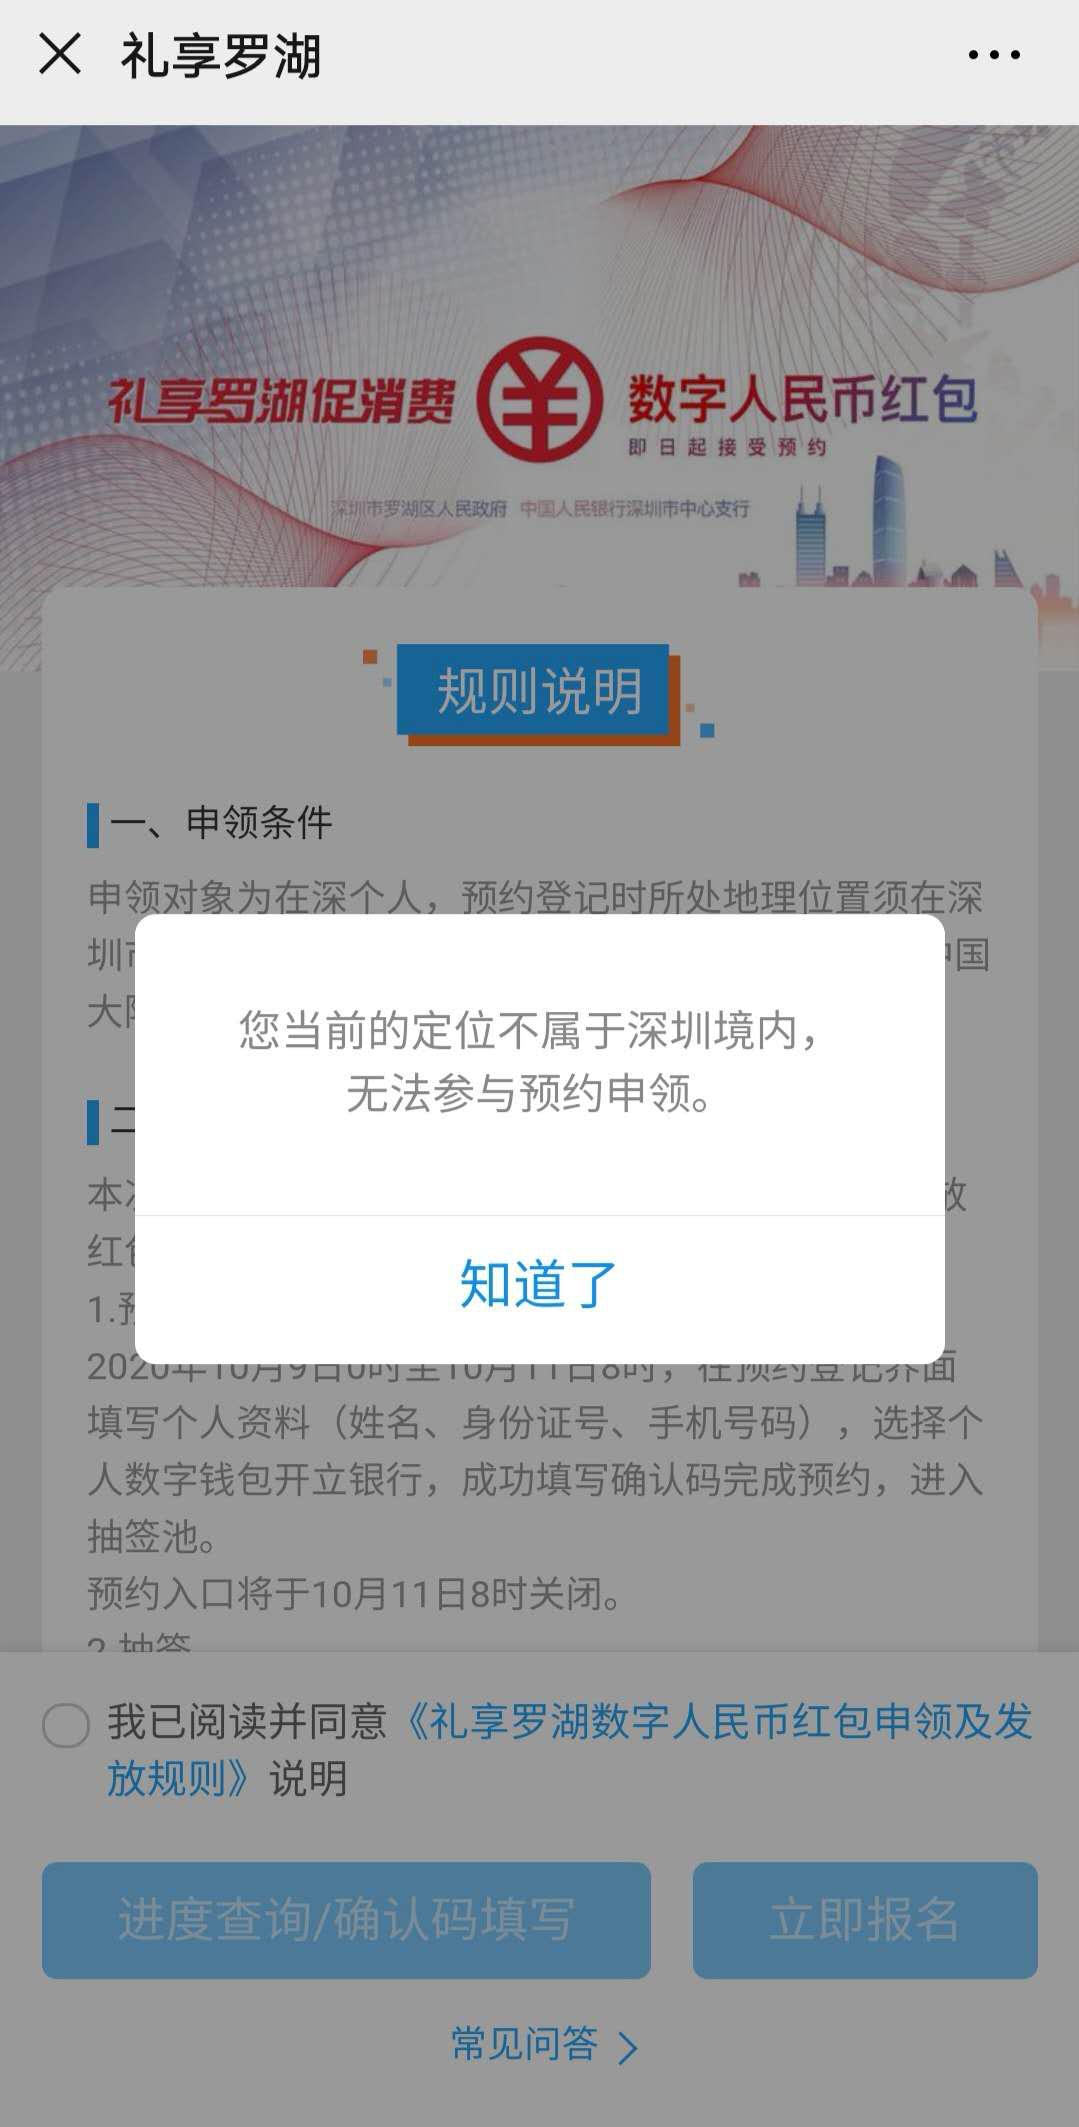 深圳广撒千万数字人民币红包 距离DC/EP正式落地还有多远?